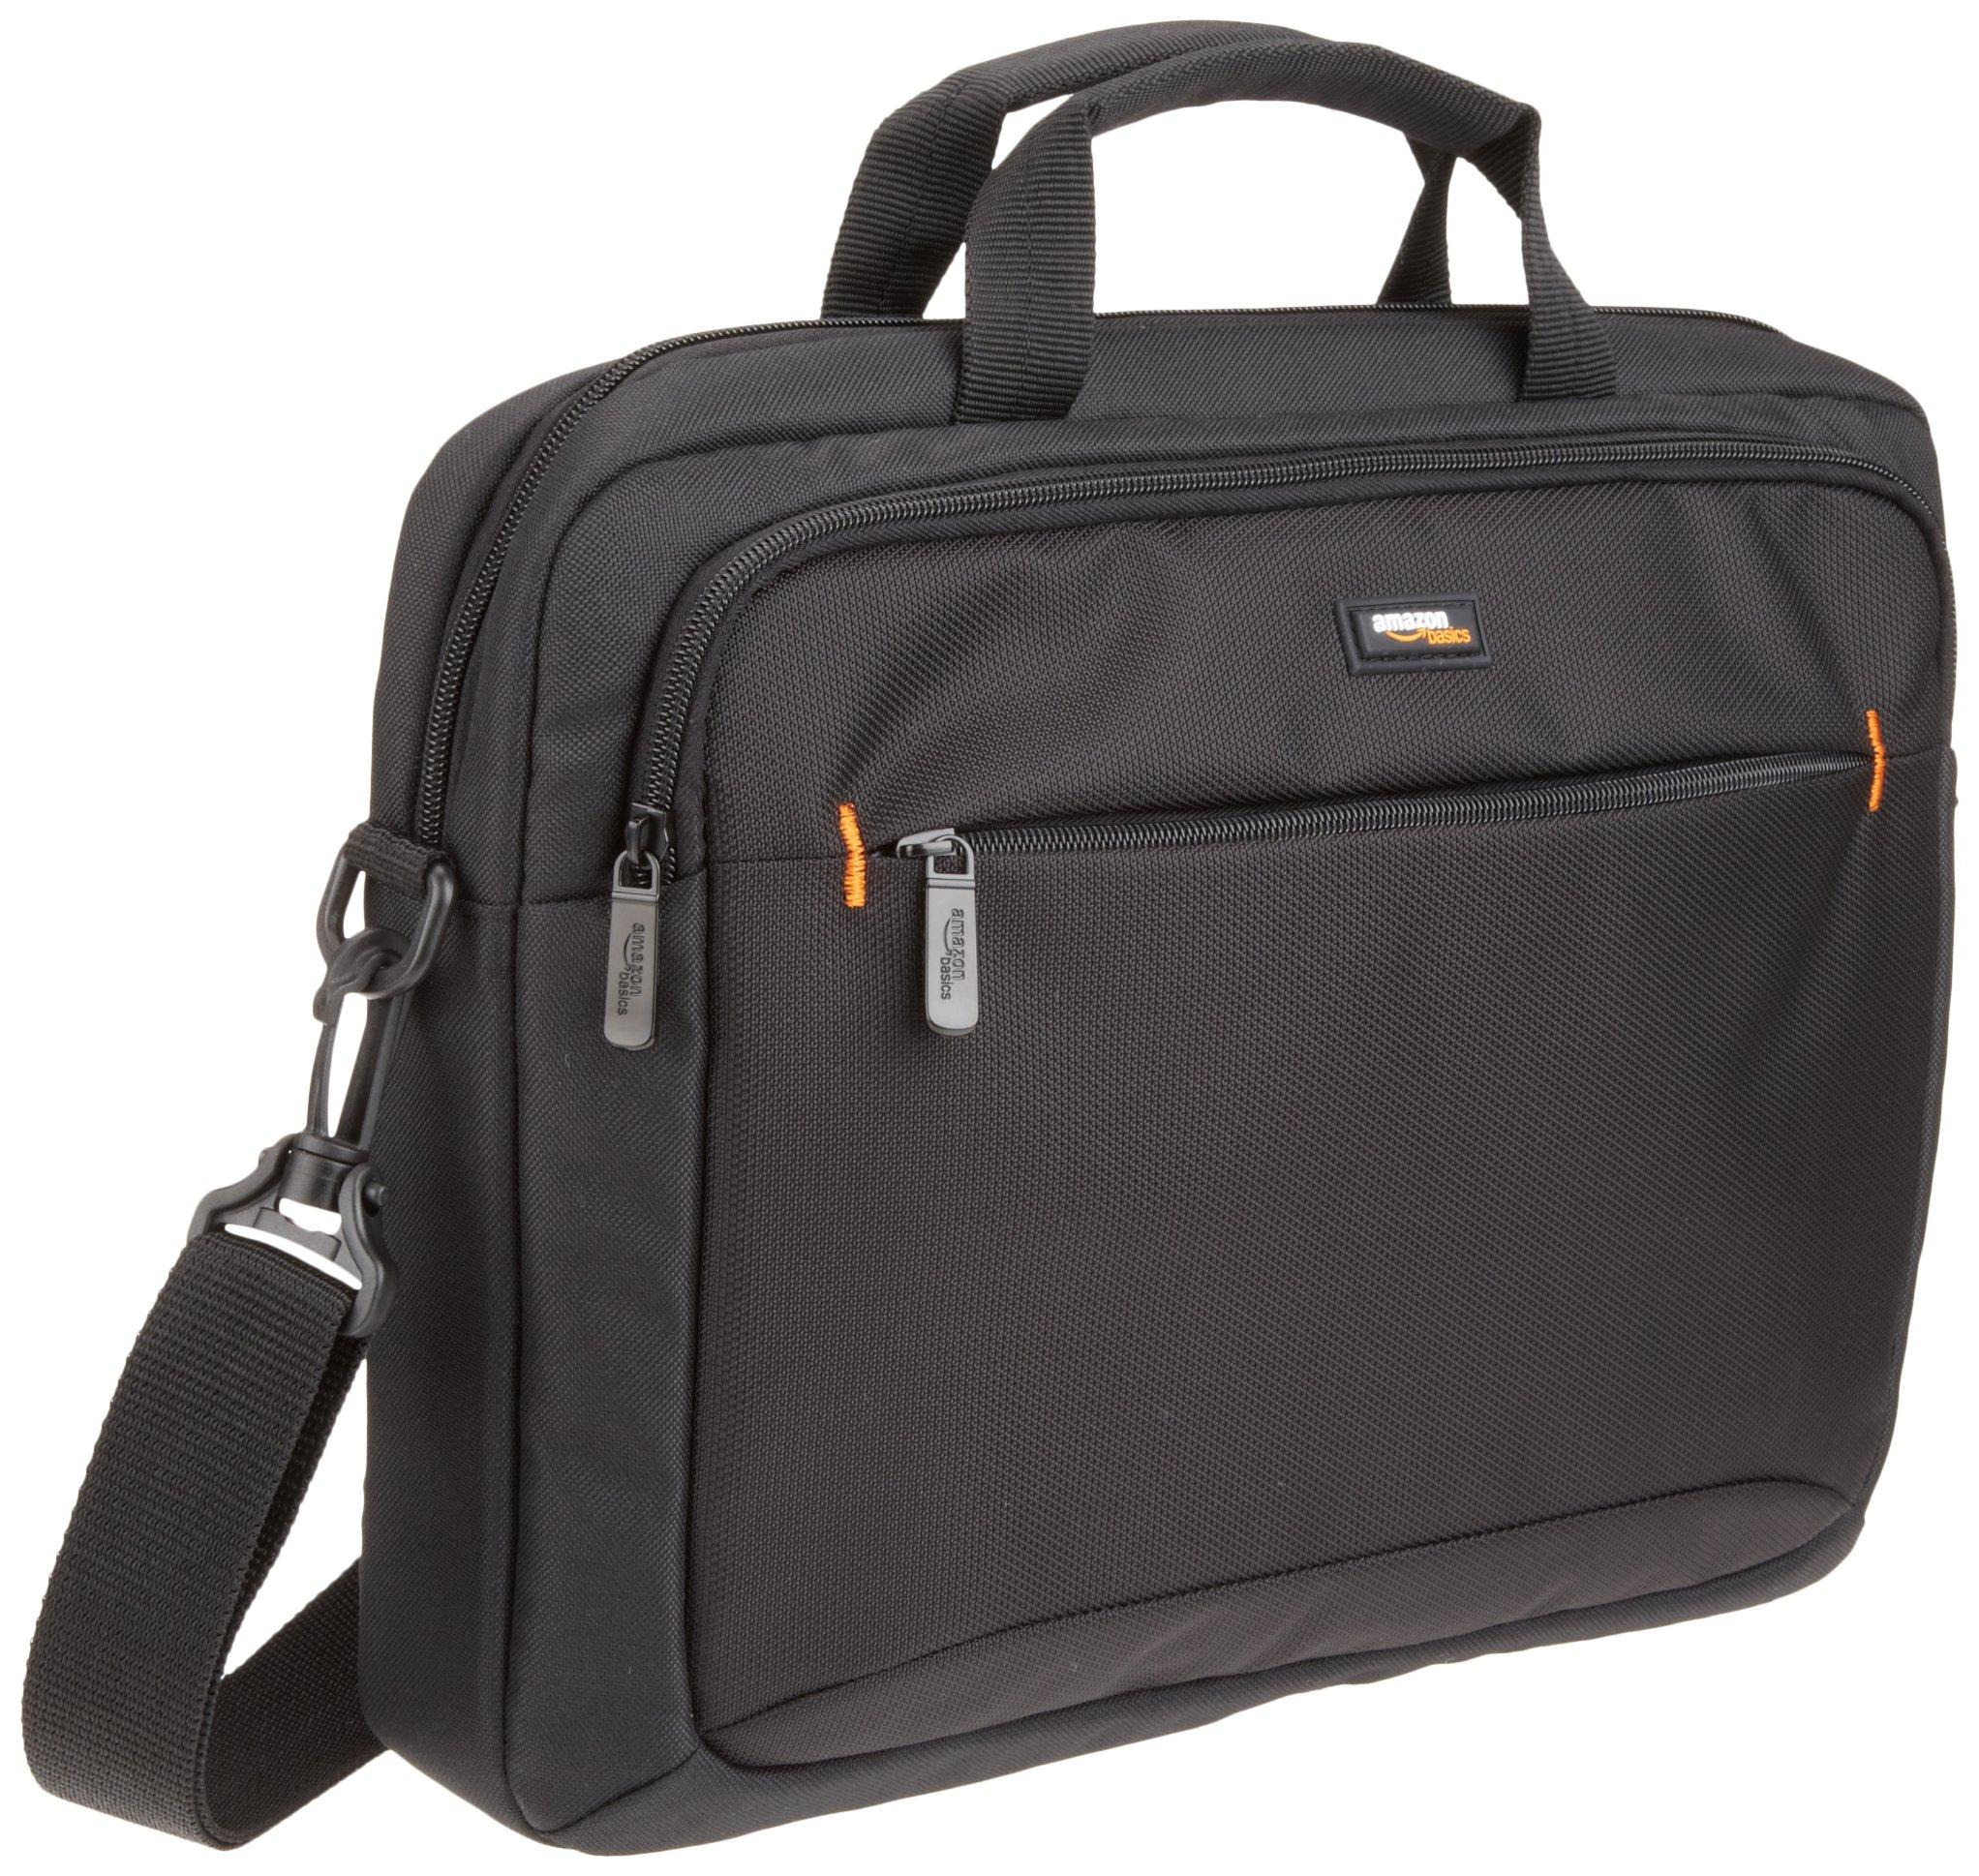 AmazonBasics 14-Inch Laptop and Tablet Case Shoulder Bag, 24-Pack